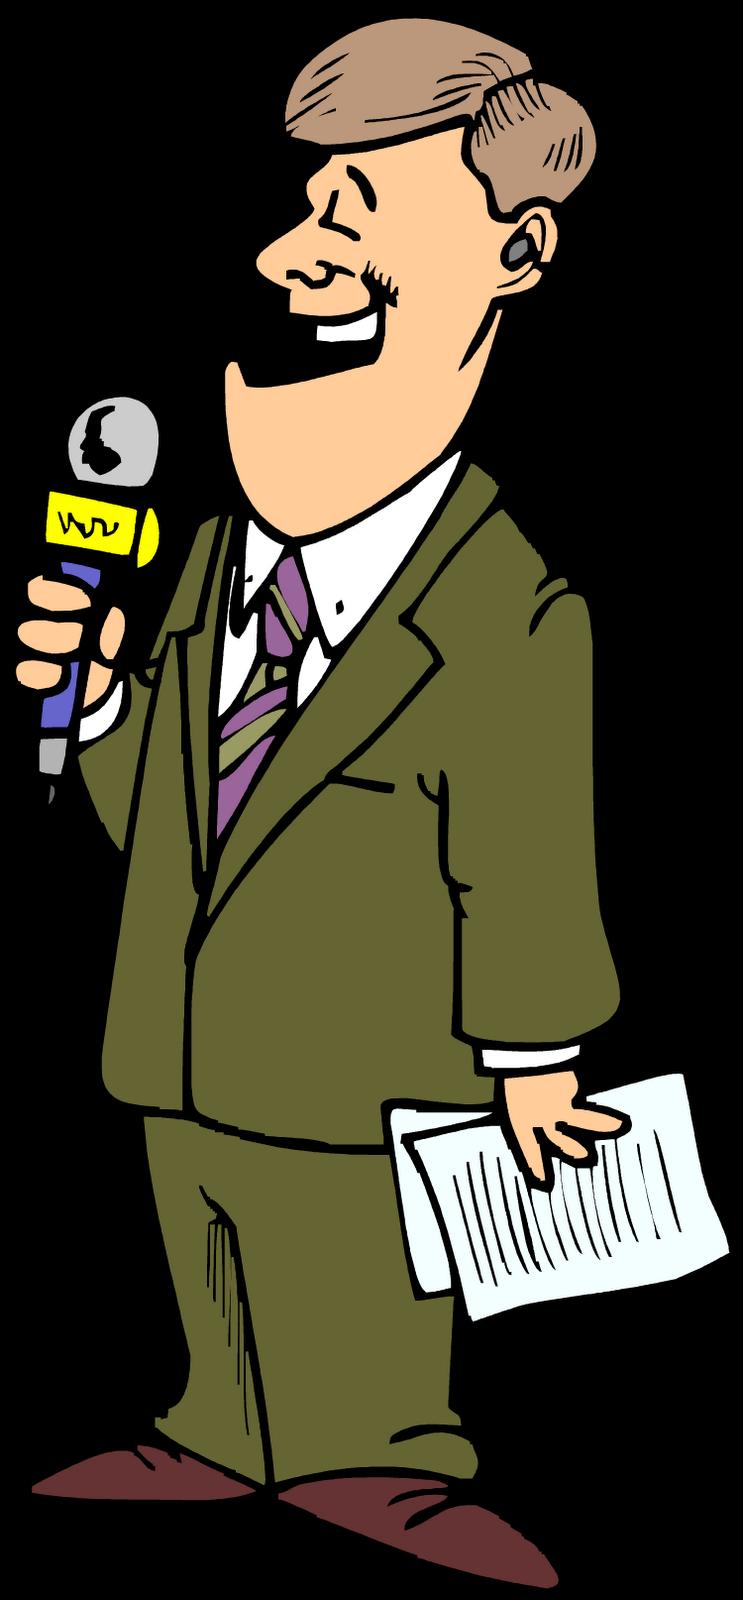 Картинка с журналист